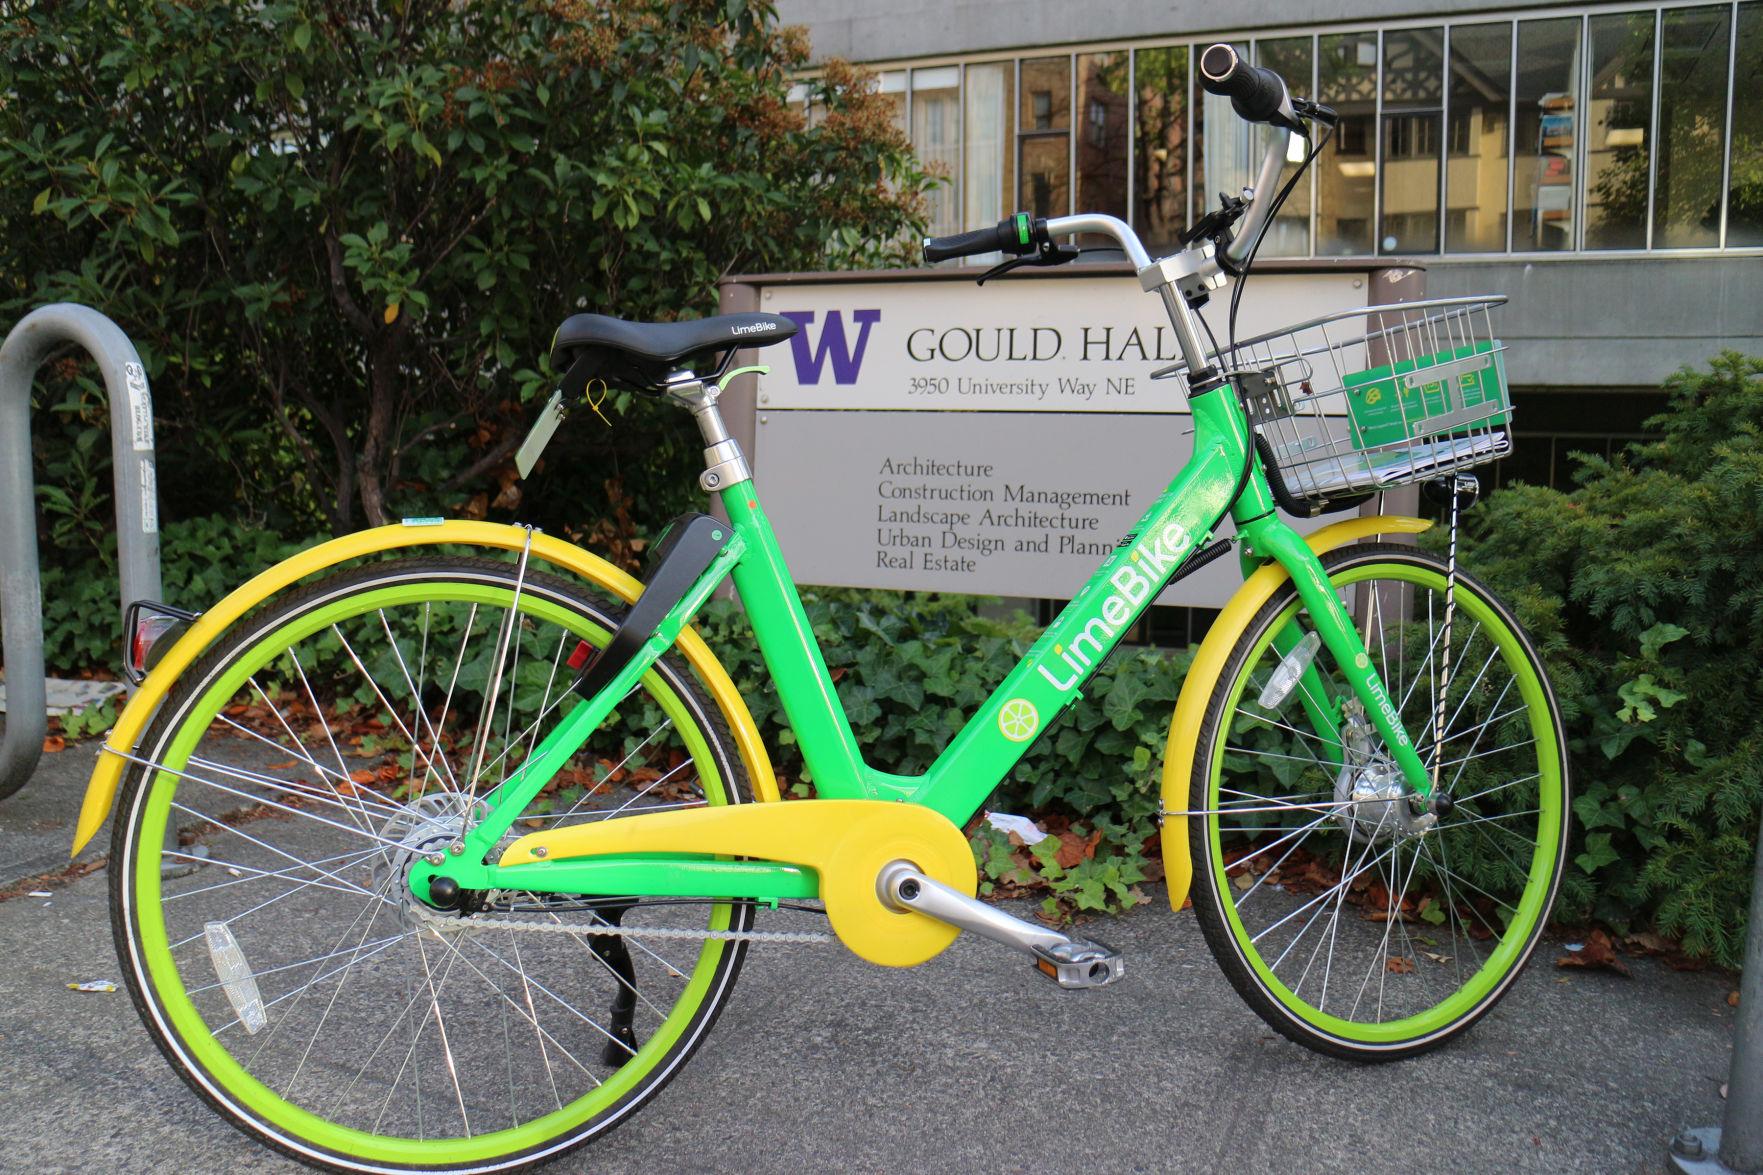 The Limebike is a bikesharing company based